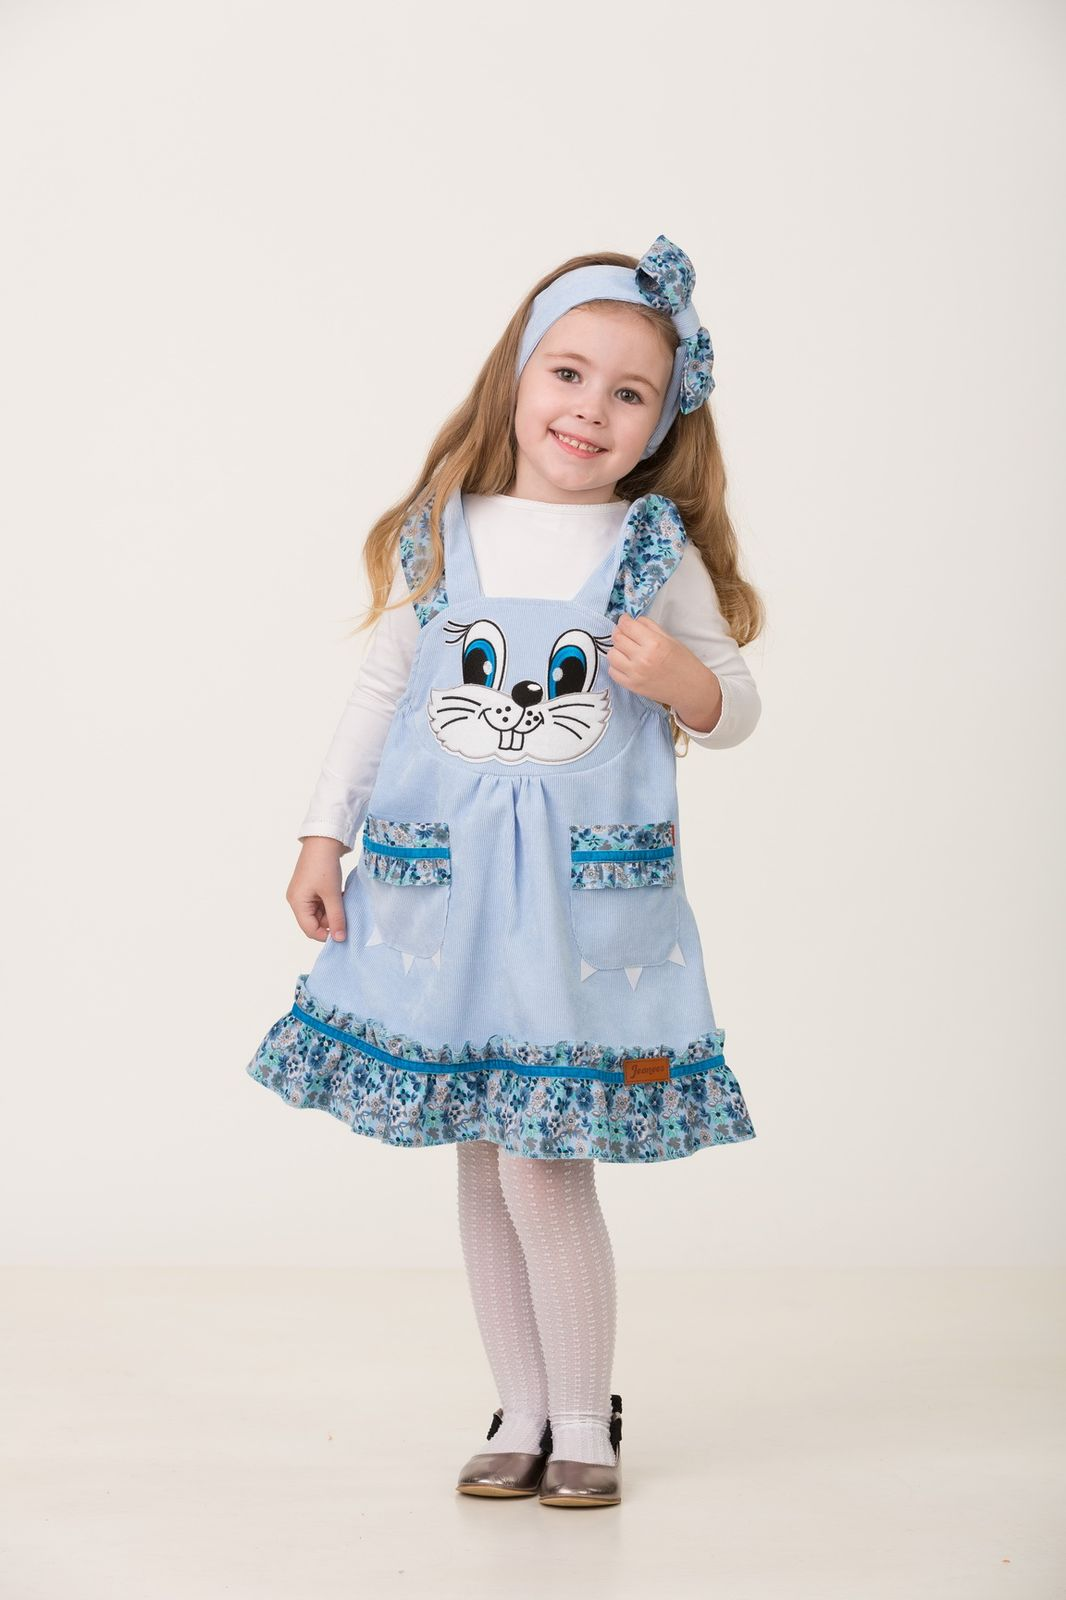 Карнавальный костюм Jeanees Зайка Капризка, цвет: голубой. Размер: 30 карнавальный костюм jeanees зайчонок хвастунишка цвет голубой размер 24